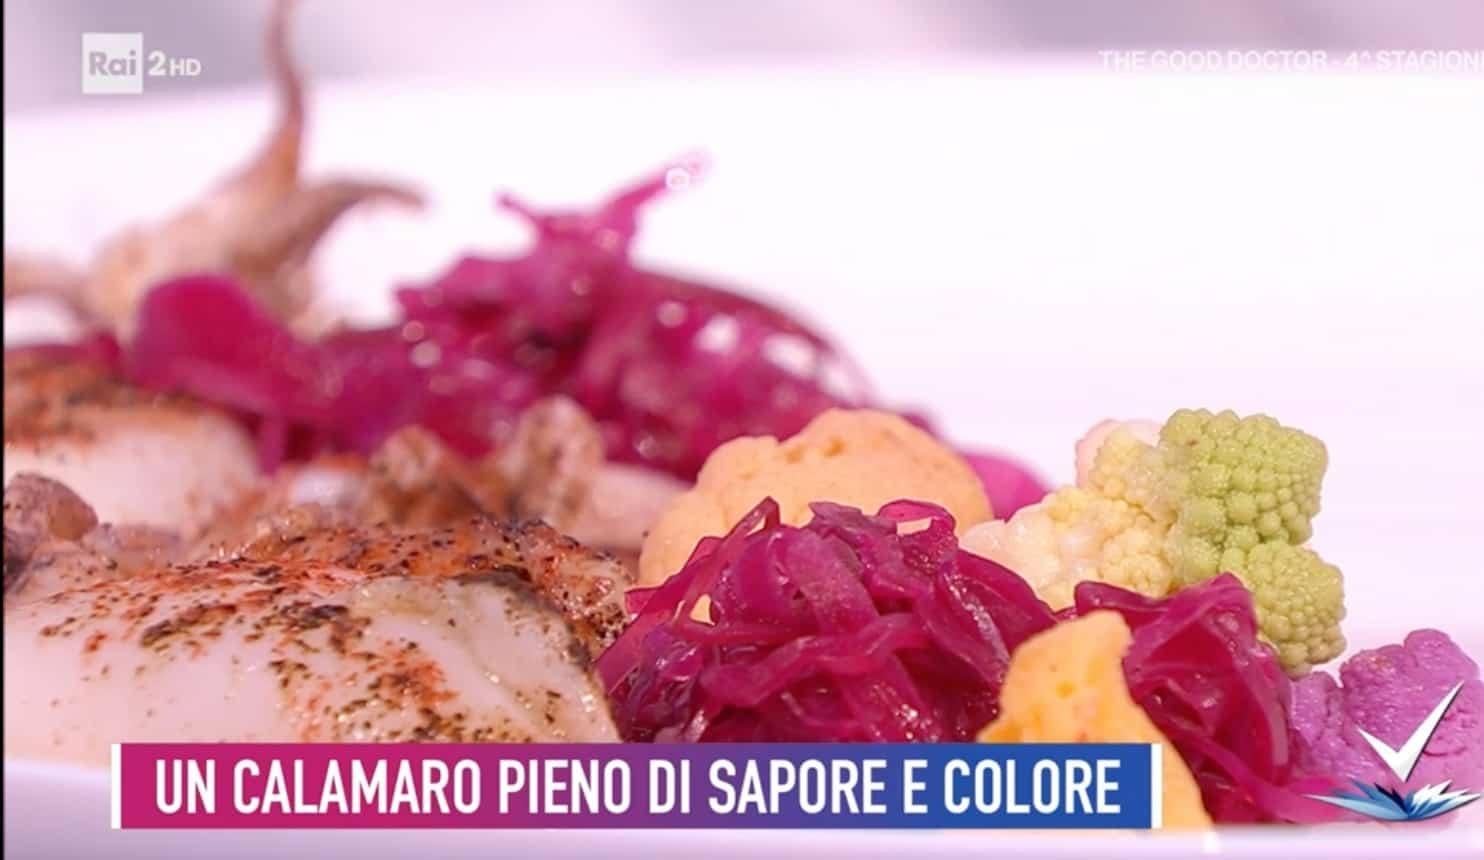 Calamaro ripieno nell'orto, la ricetta di Cinzia Fumagalli